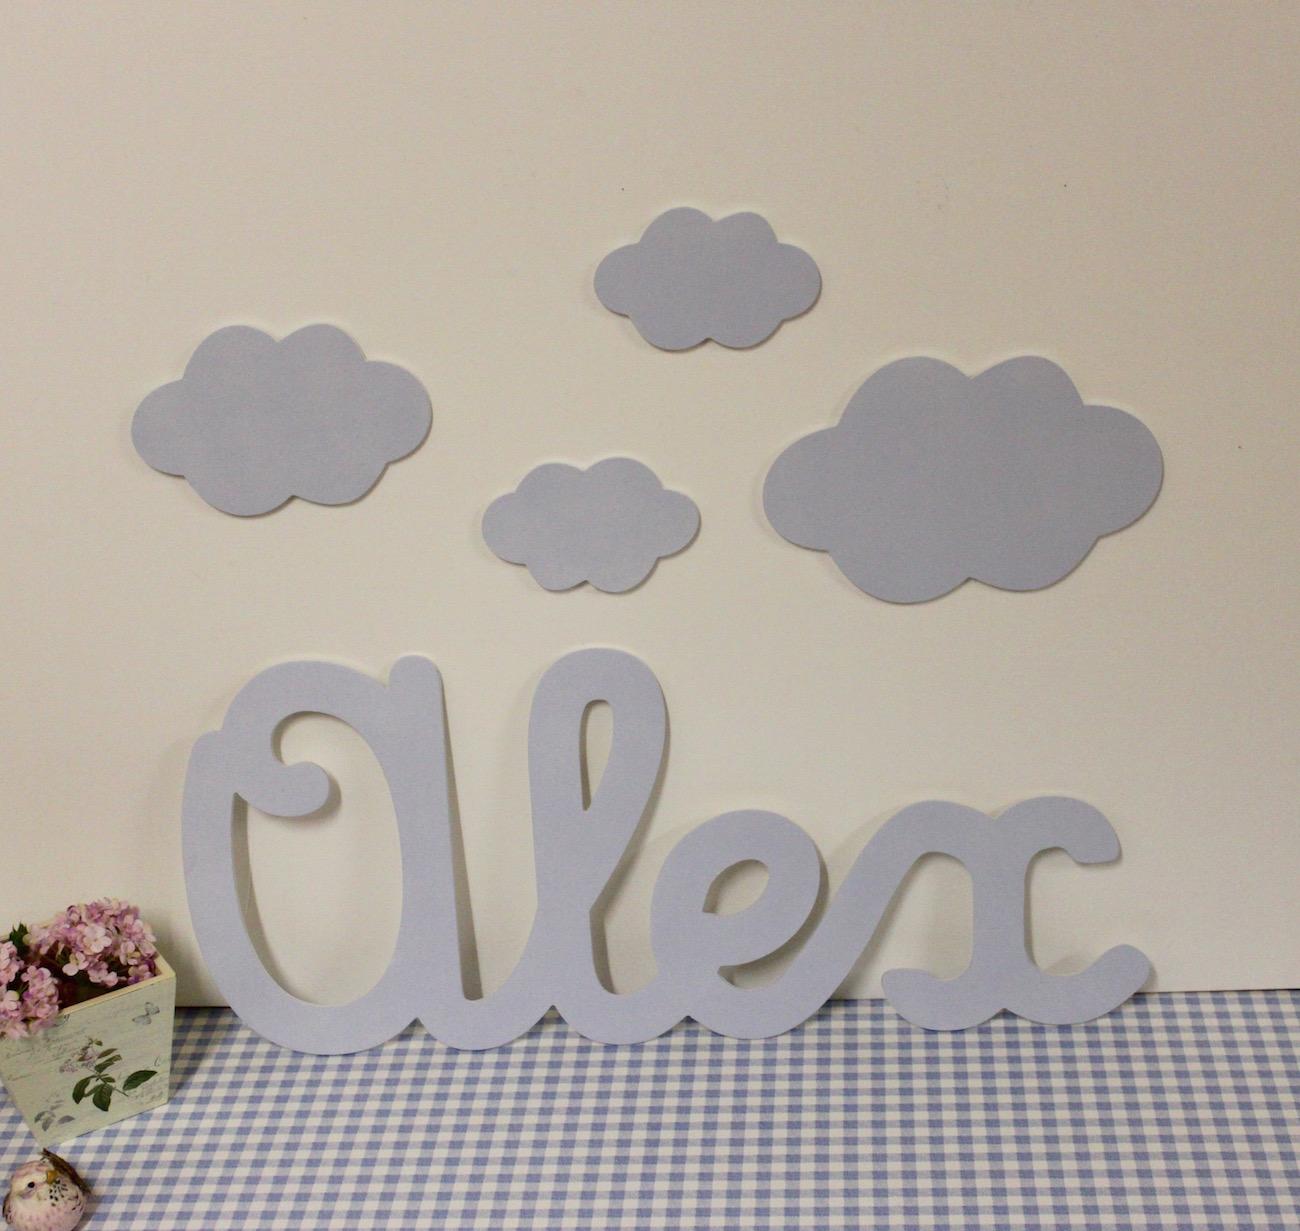 Letras decorativas infantiles para poner en la pared - Letras decorativas para ninos ...